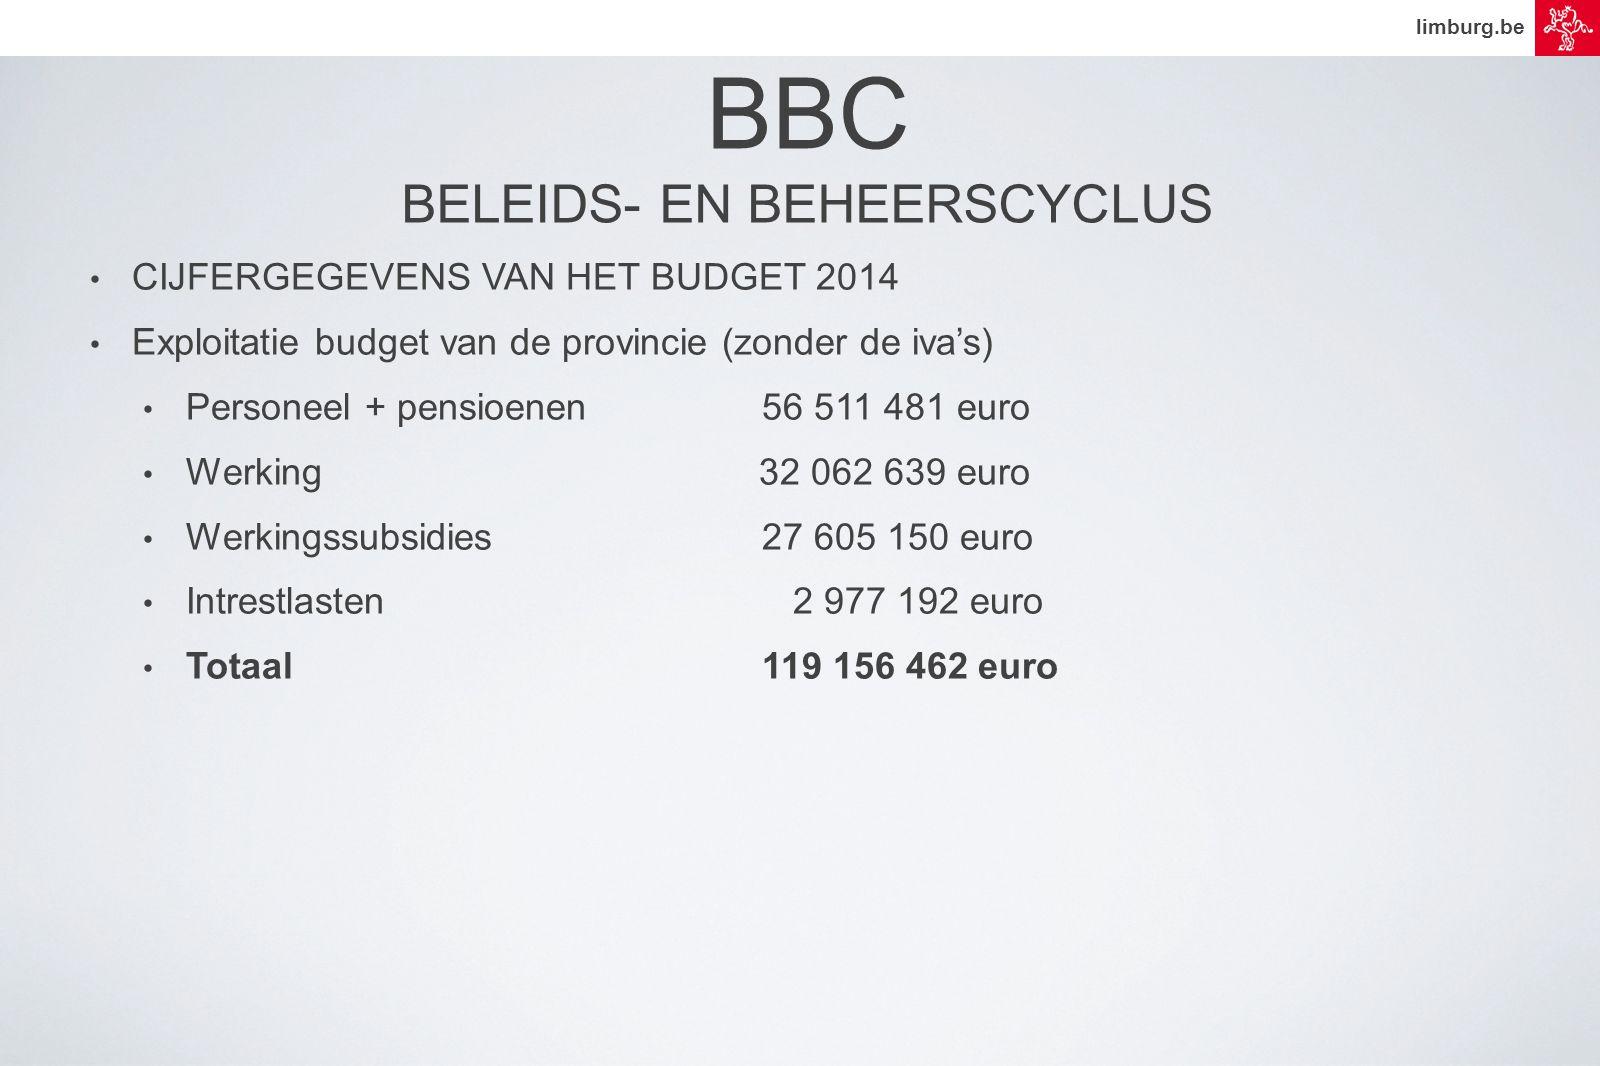 limburg.be BBC BELEIDS- EN BEHEERSCYCLUS • CIJFERGEGEVENS VAN HET BUDGET 2014 • Exploitatie budget van de provincie (zonder de iva's) • Personeel + pensioenen56 511 481 euro • Werking 32 062 639 euro • Werkingssubsidies27 605 150 euro • Intrestlasten 2 977 192 euro • Totaal119 156 462 euro